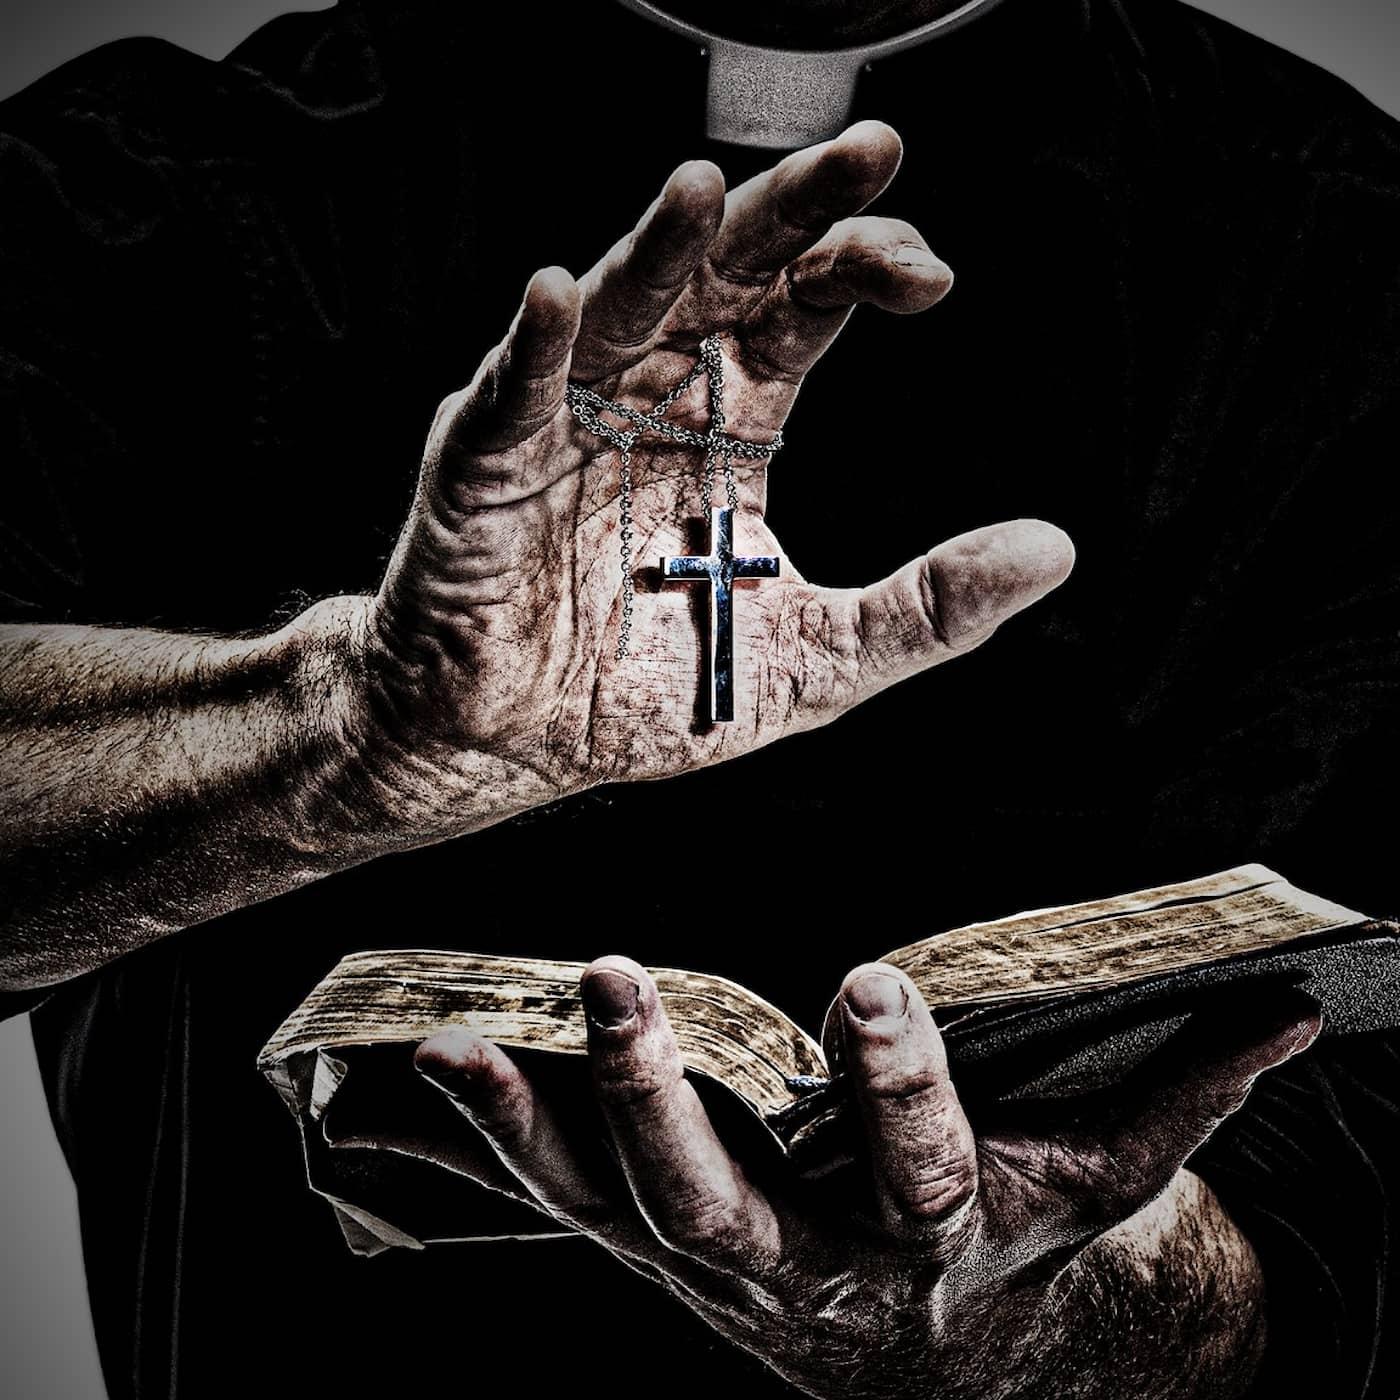 Del 8 av 8. Exorcismen i Eksjö – Domen faller